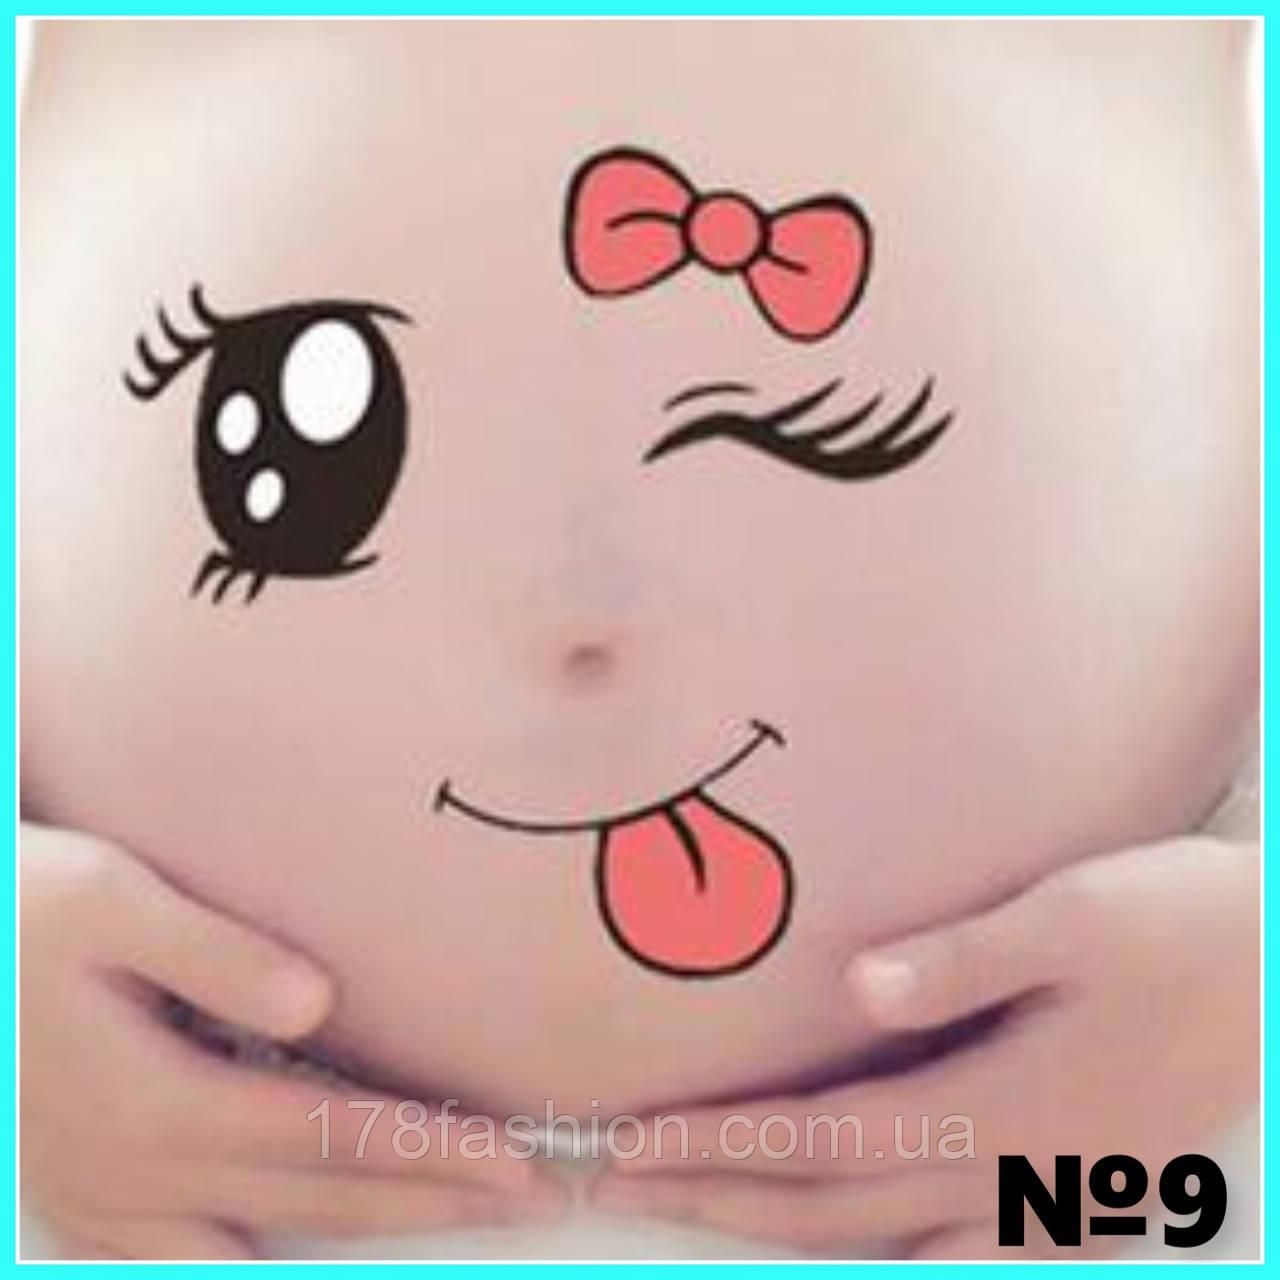 Забавная и креативная наклейка на беременный животик для фотосессии №9